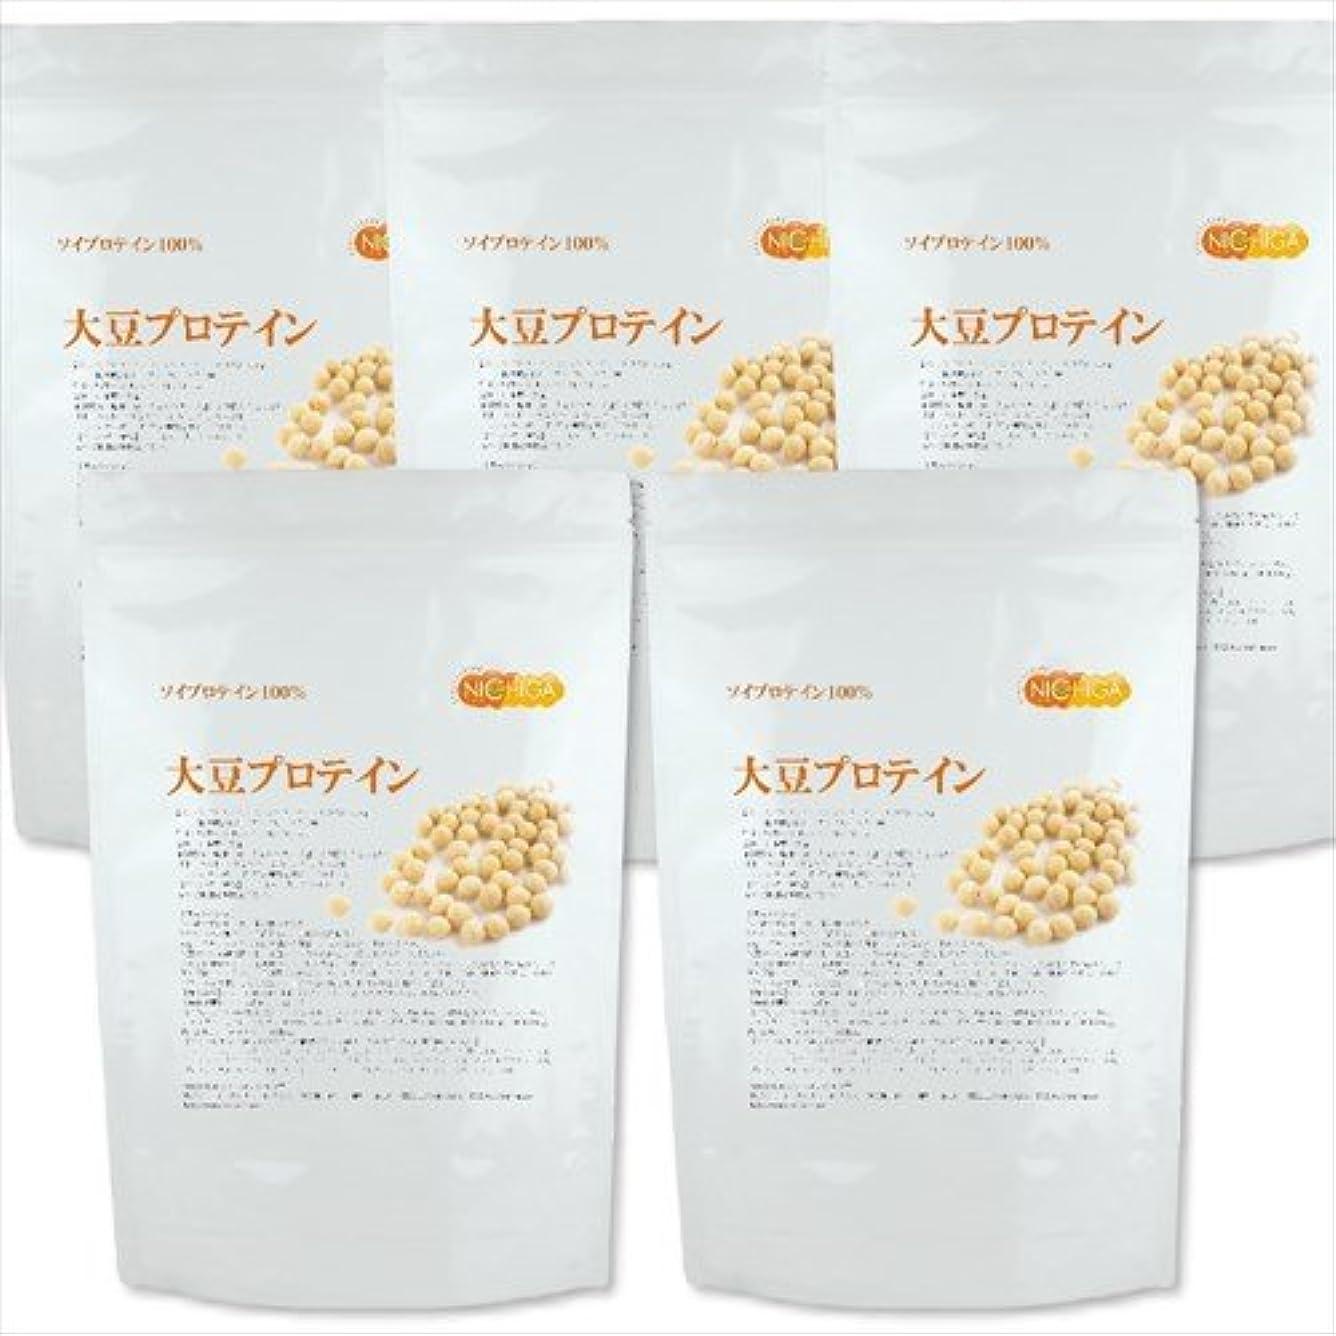 スチュアート島壊滅的な任命する<New> 大豆プロテイン(国内製造)1kg×5袋 [02] NICHIGA(ニチガ) 製品のリニューアル致しました ソイプロテイン100% 遺伝子組み換え不使用大豆 新規製法採用!